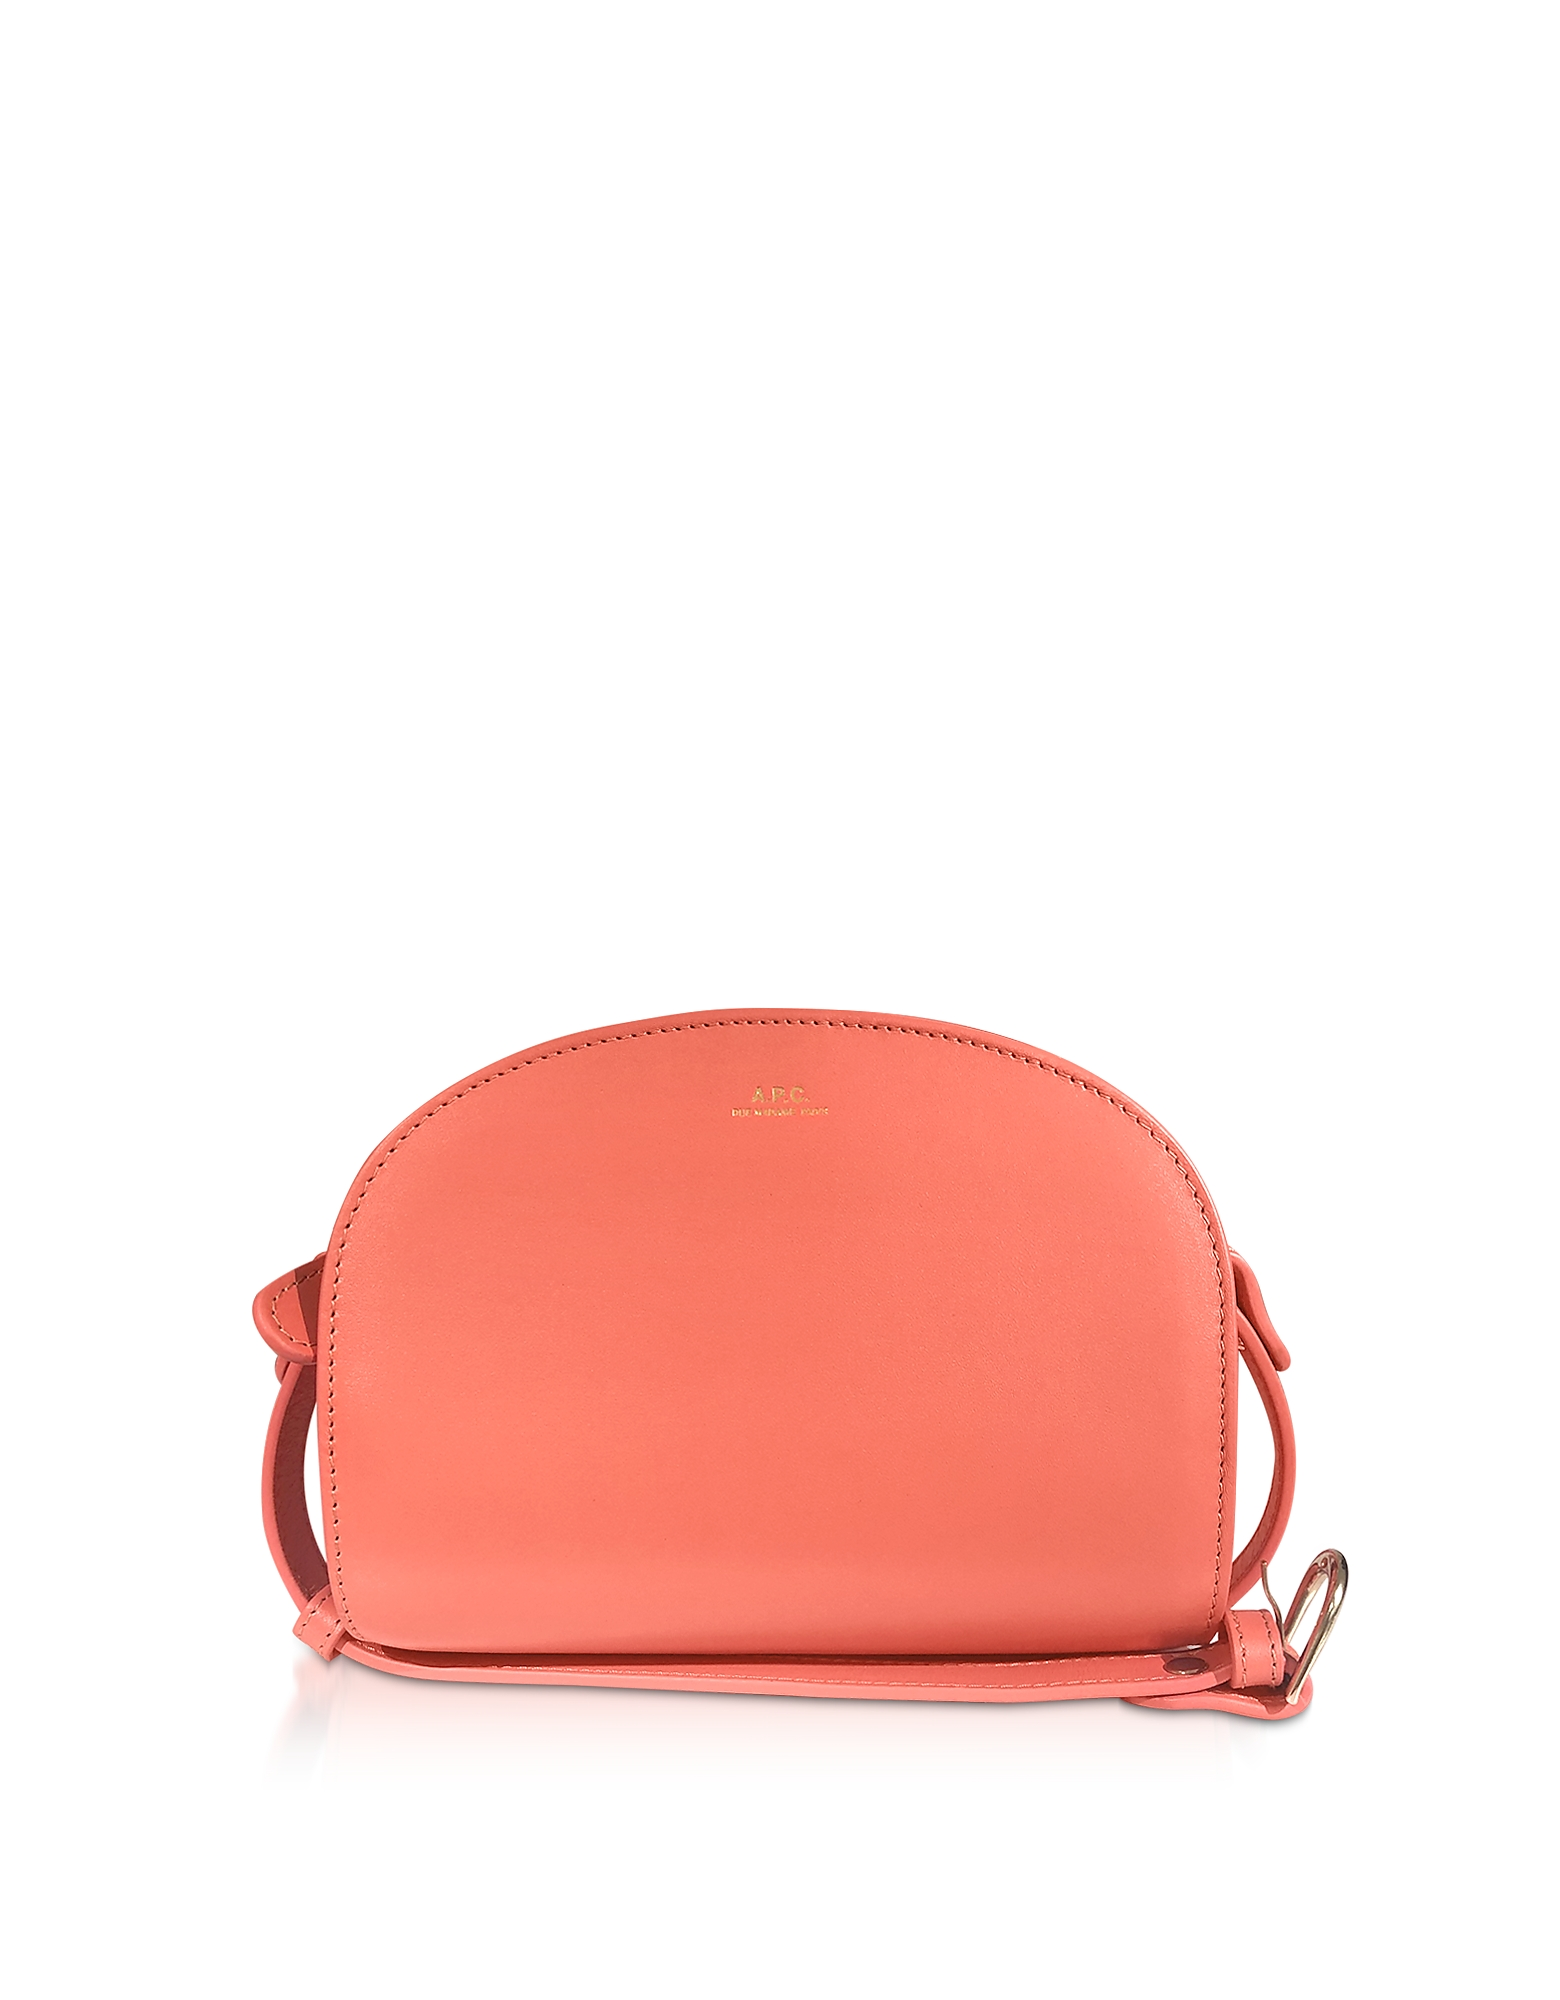 A.P.C. Designer Handbags, Coral Leather Half Moon Mini Shoulder Bag